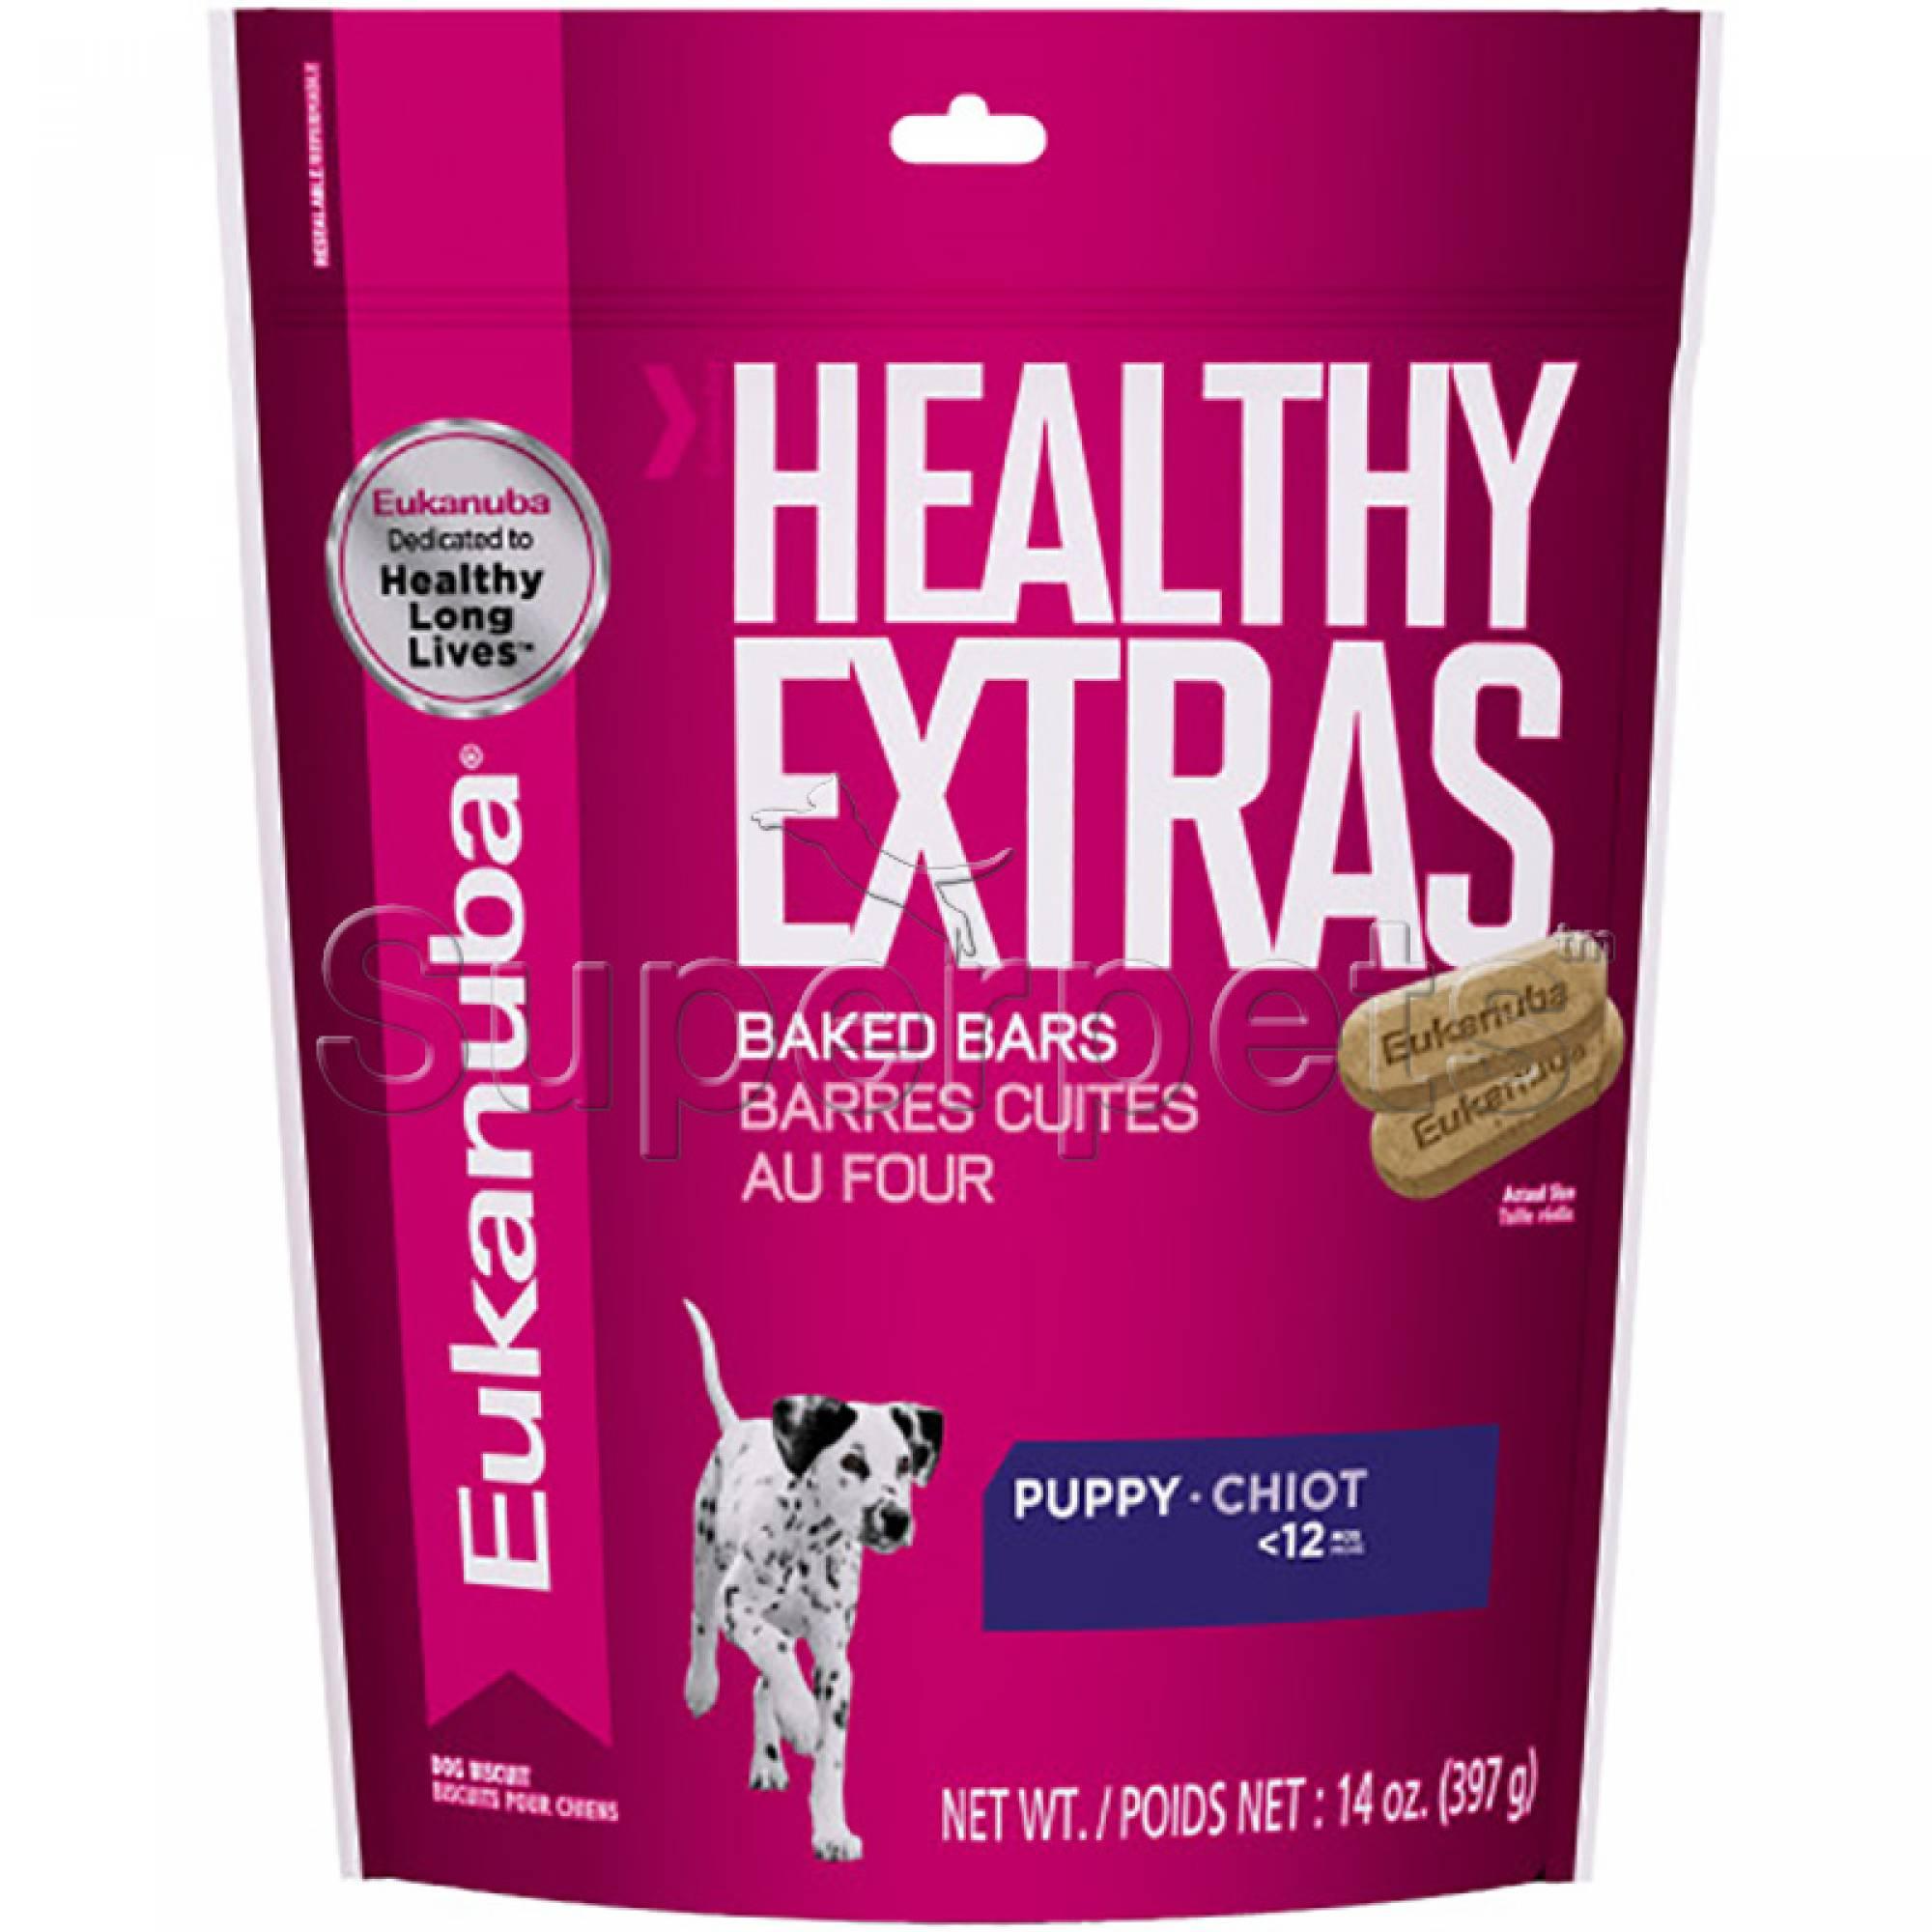 Eukanuba - Healthy Extras Baked Bars Puppy Treats 14oz (397g)